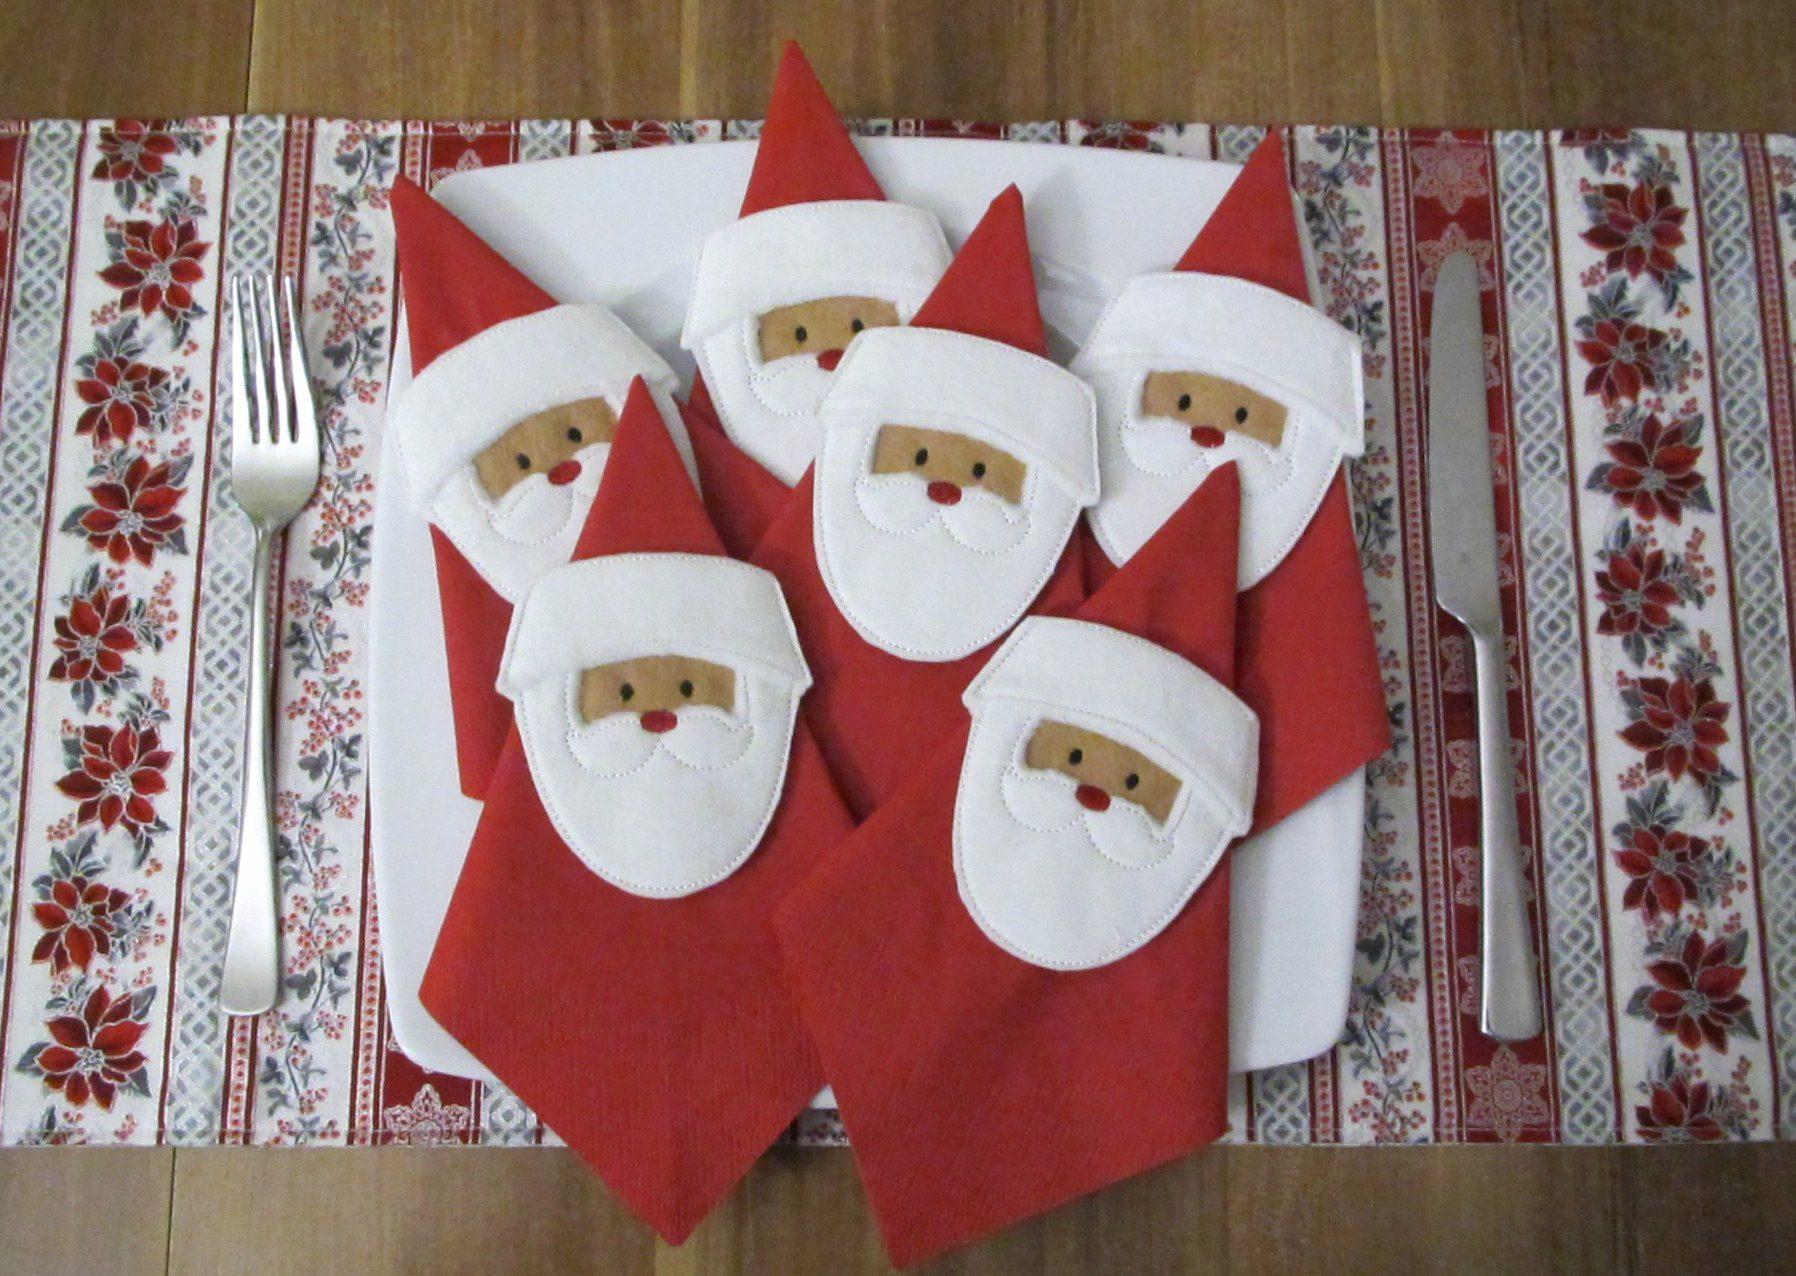 Stickdatei Filz Nikolausstiefel ITH Weihnachtsmann